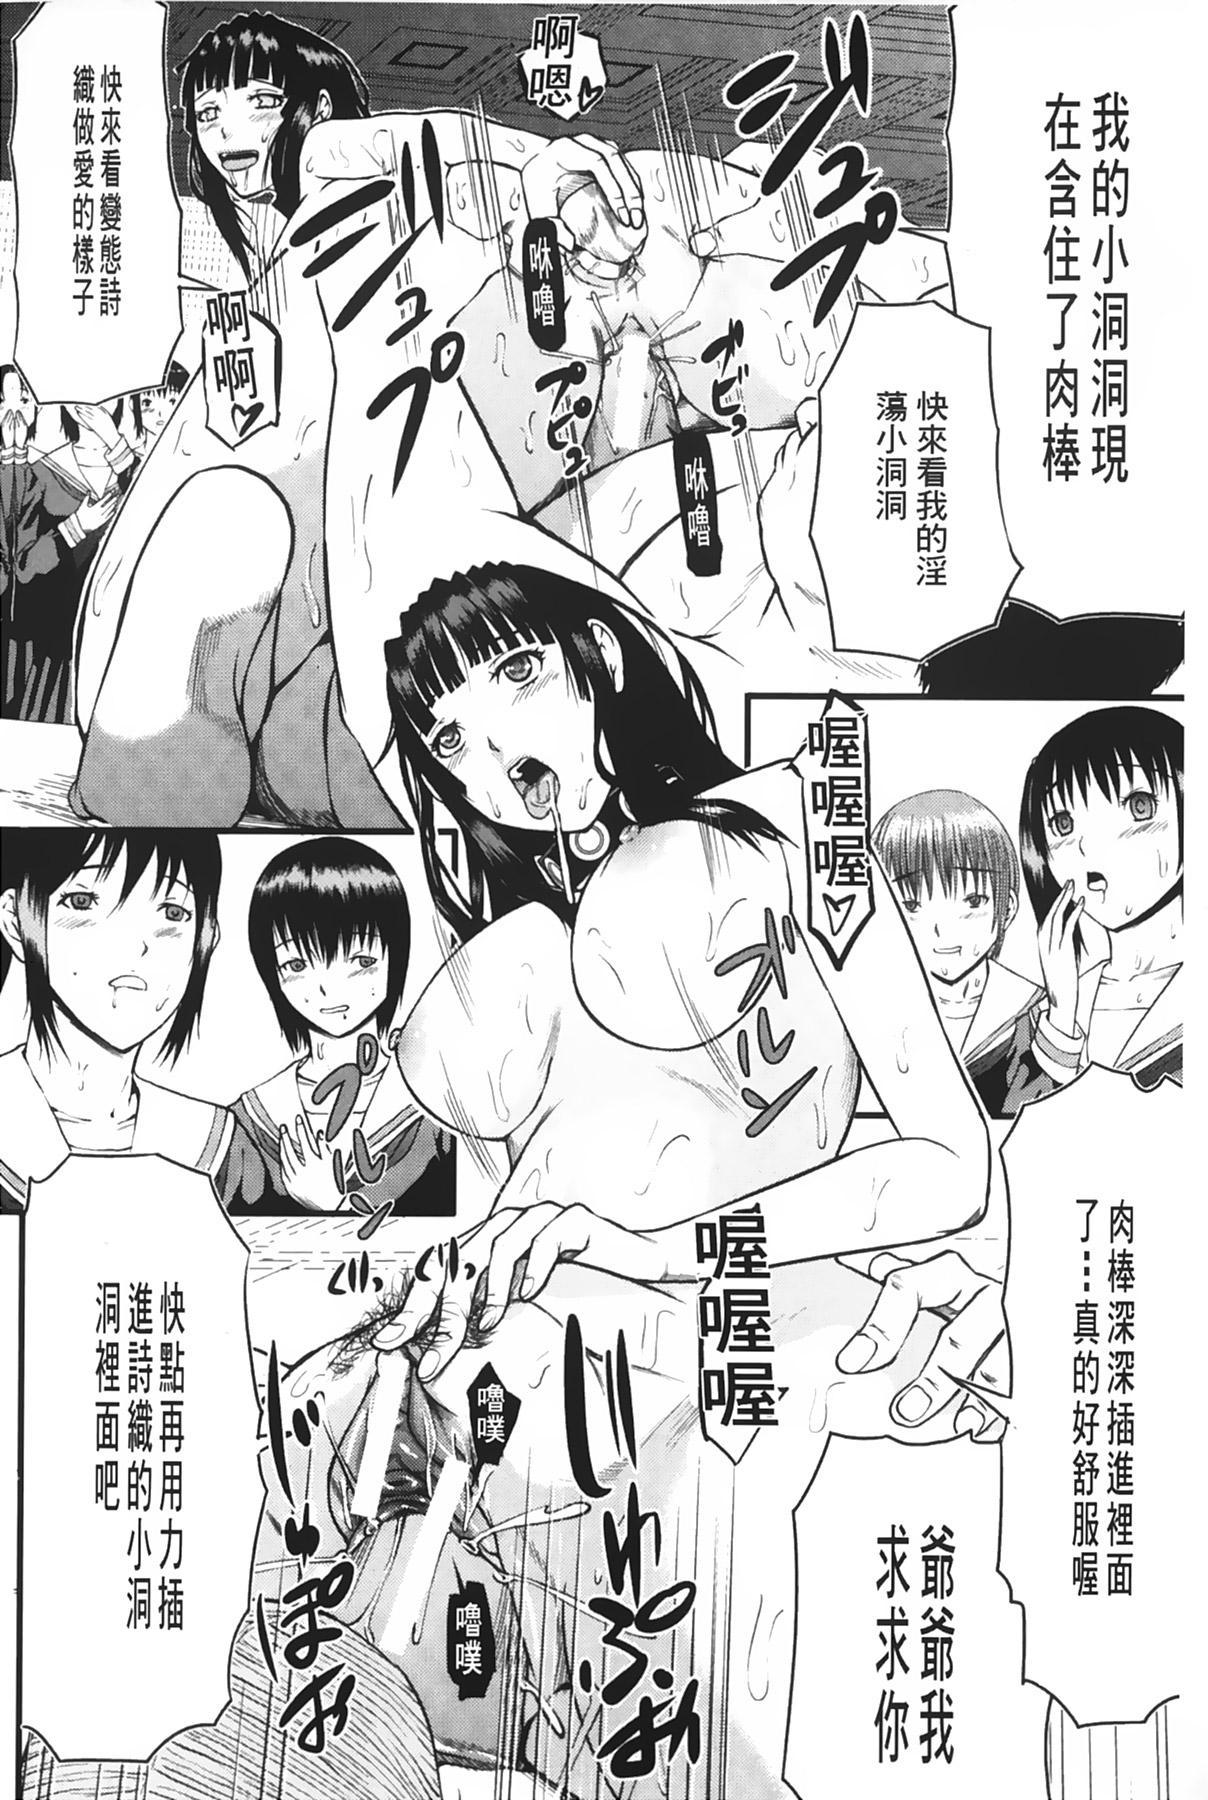 [Honebuto Danshaku] Onna Jigoku Niku no Tsubo~Hentai Rui Inran Ka Mesu Buta Ichidaiki~ | 女地獄、肉之壺 ~変態類淫乱科淫母豬一代記~ [Chinese] 222